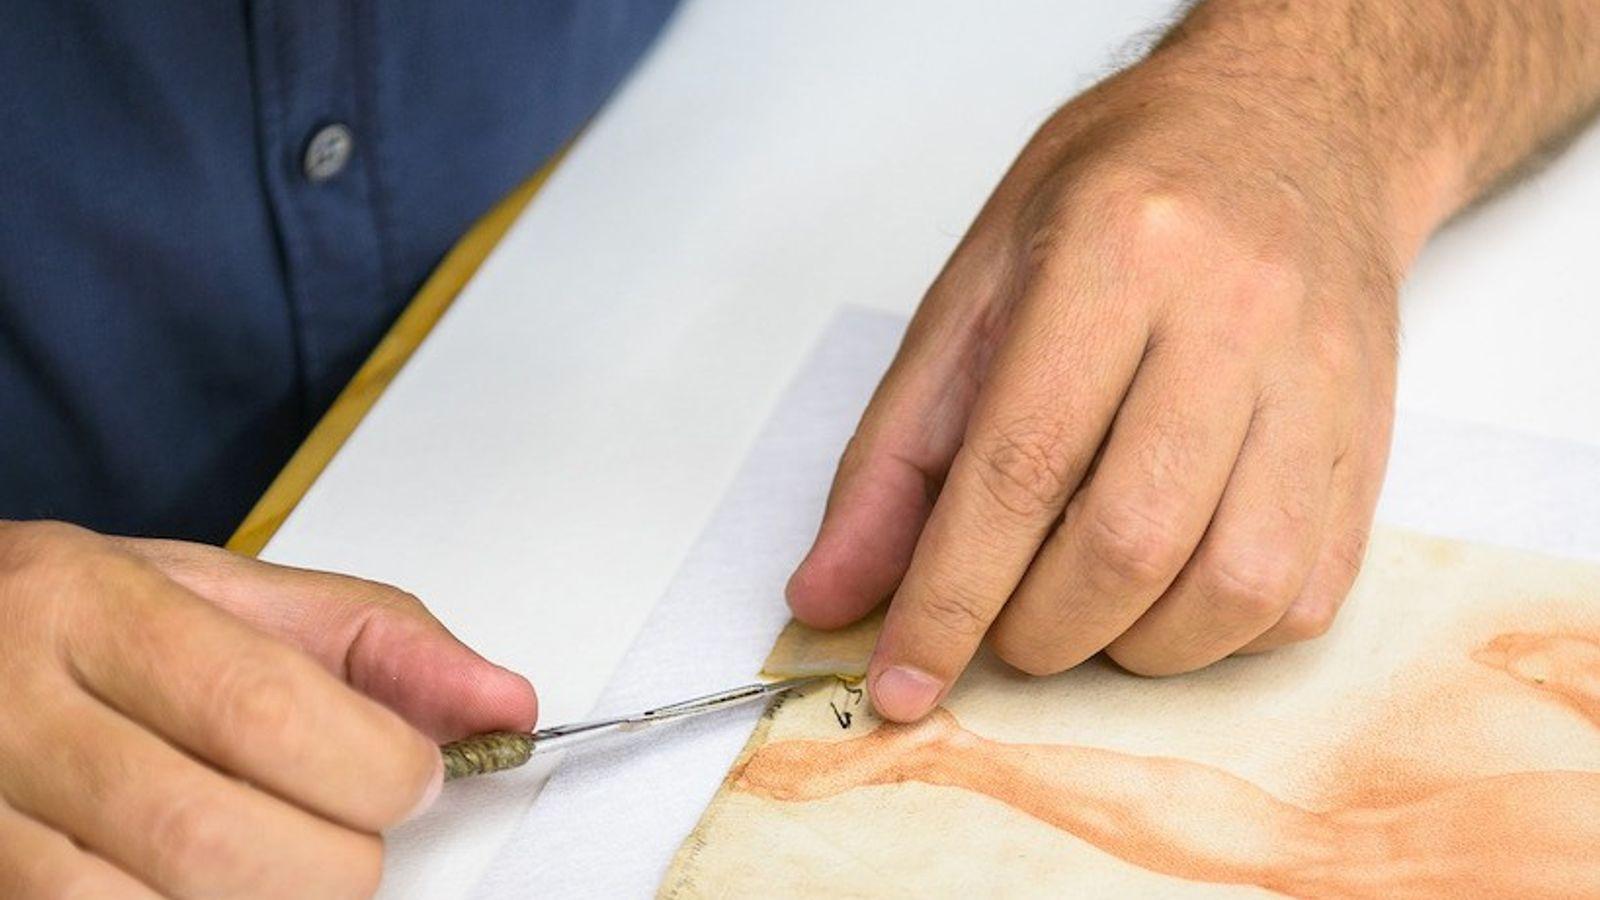 Nachdem das Hydrogel den Kleber gelöst hat, entfernt ein Restaurator das Klebeband.